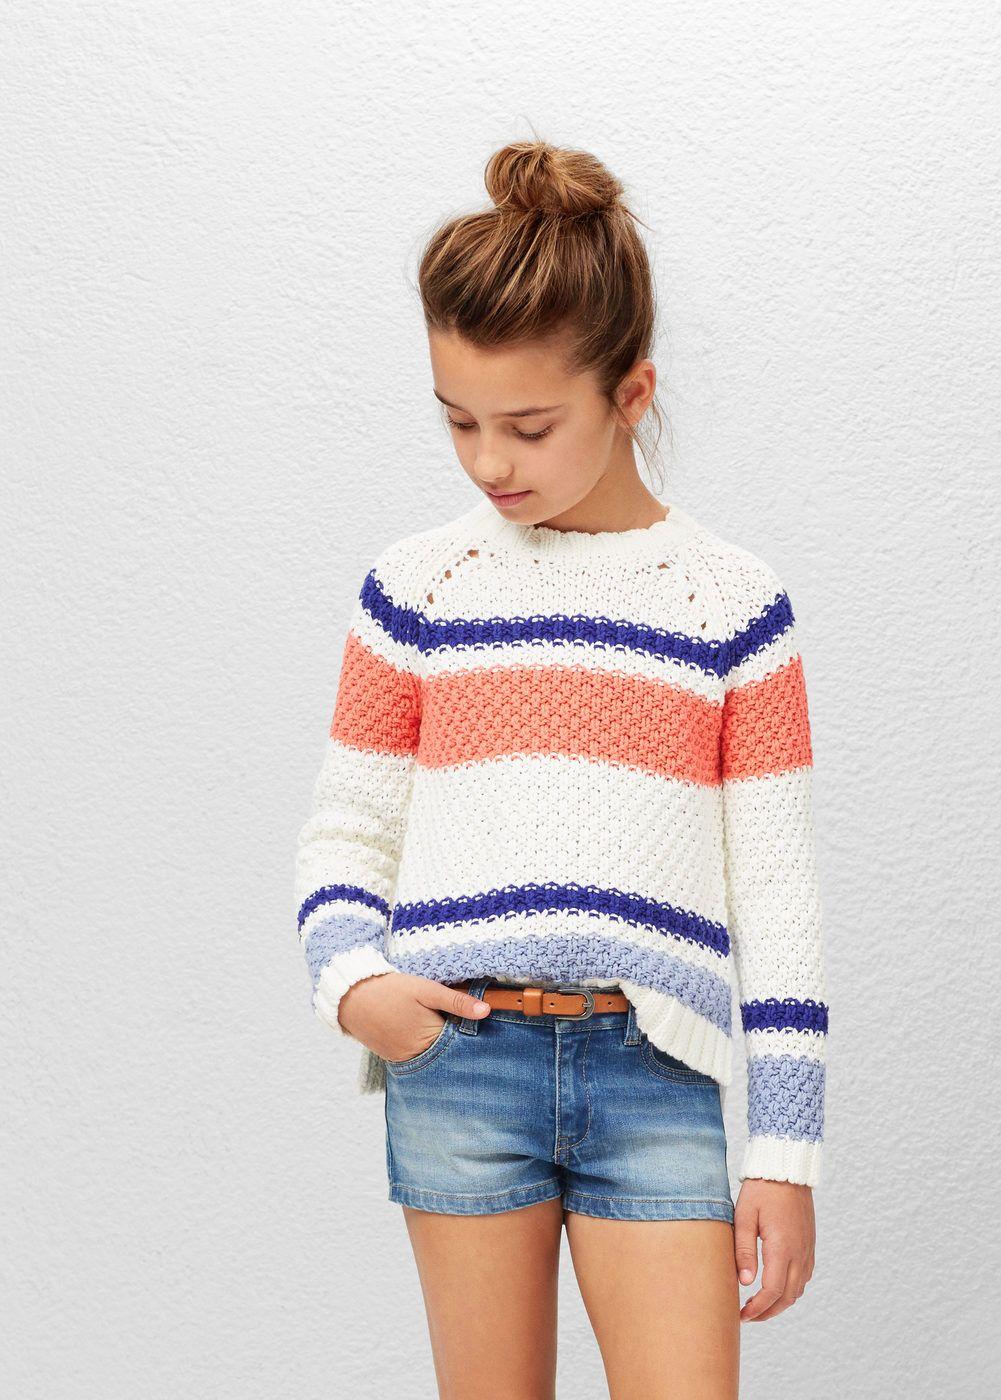 Fashion Kids Shorts Pinterest Girls Short Denim ta4wHgqnt 811bca7ddc9